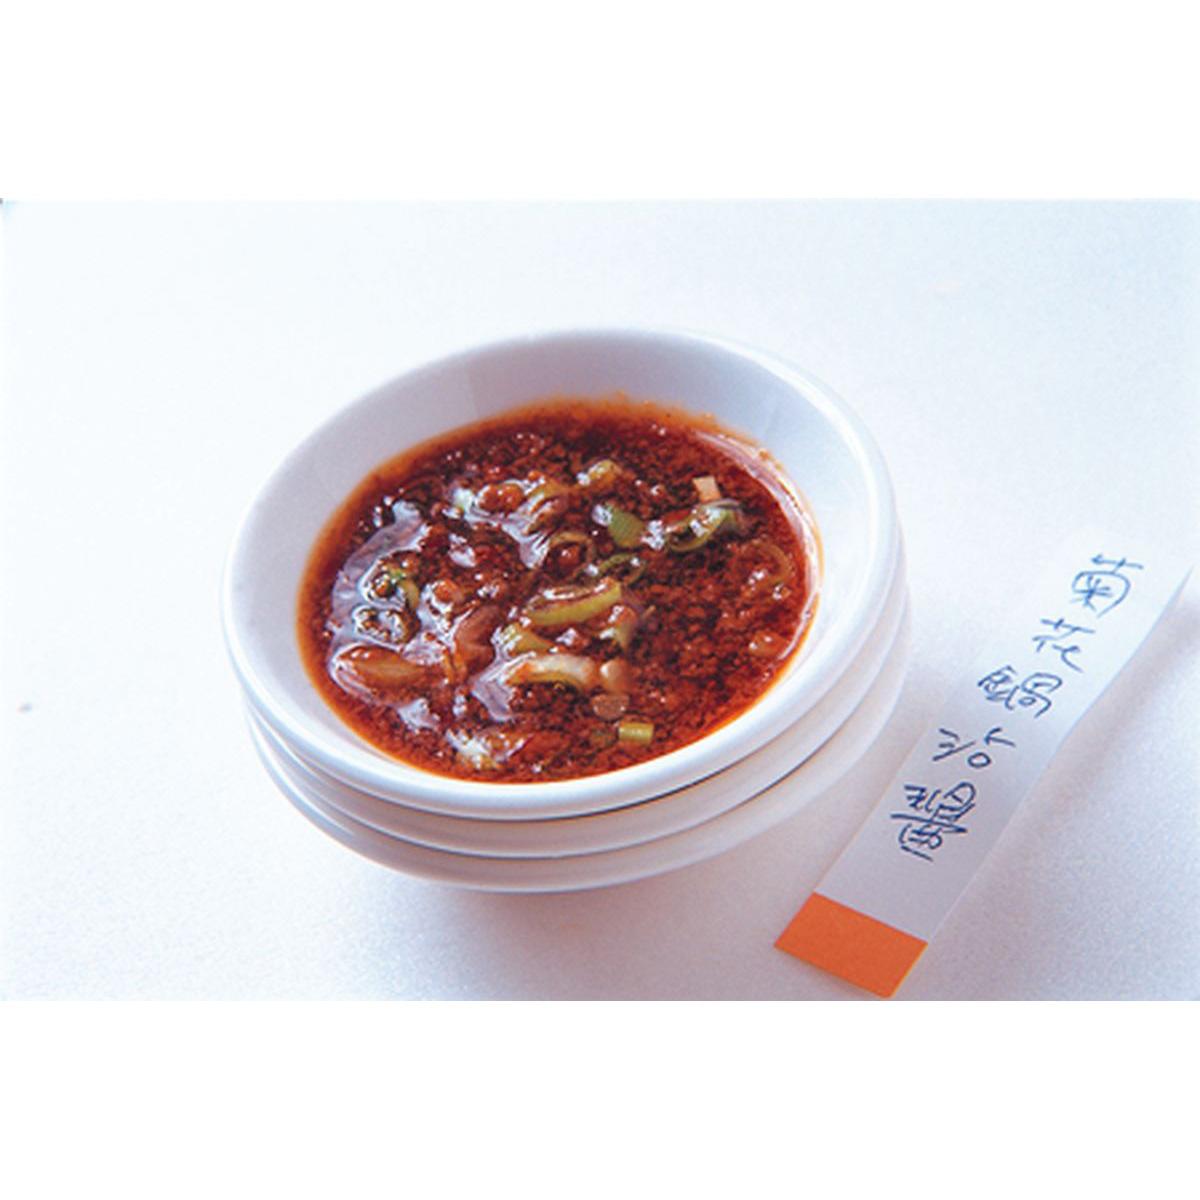 食譜:酸白菜鍋沾醬